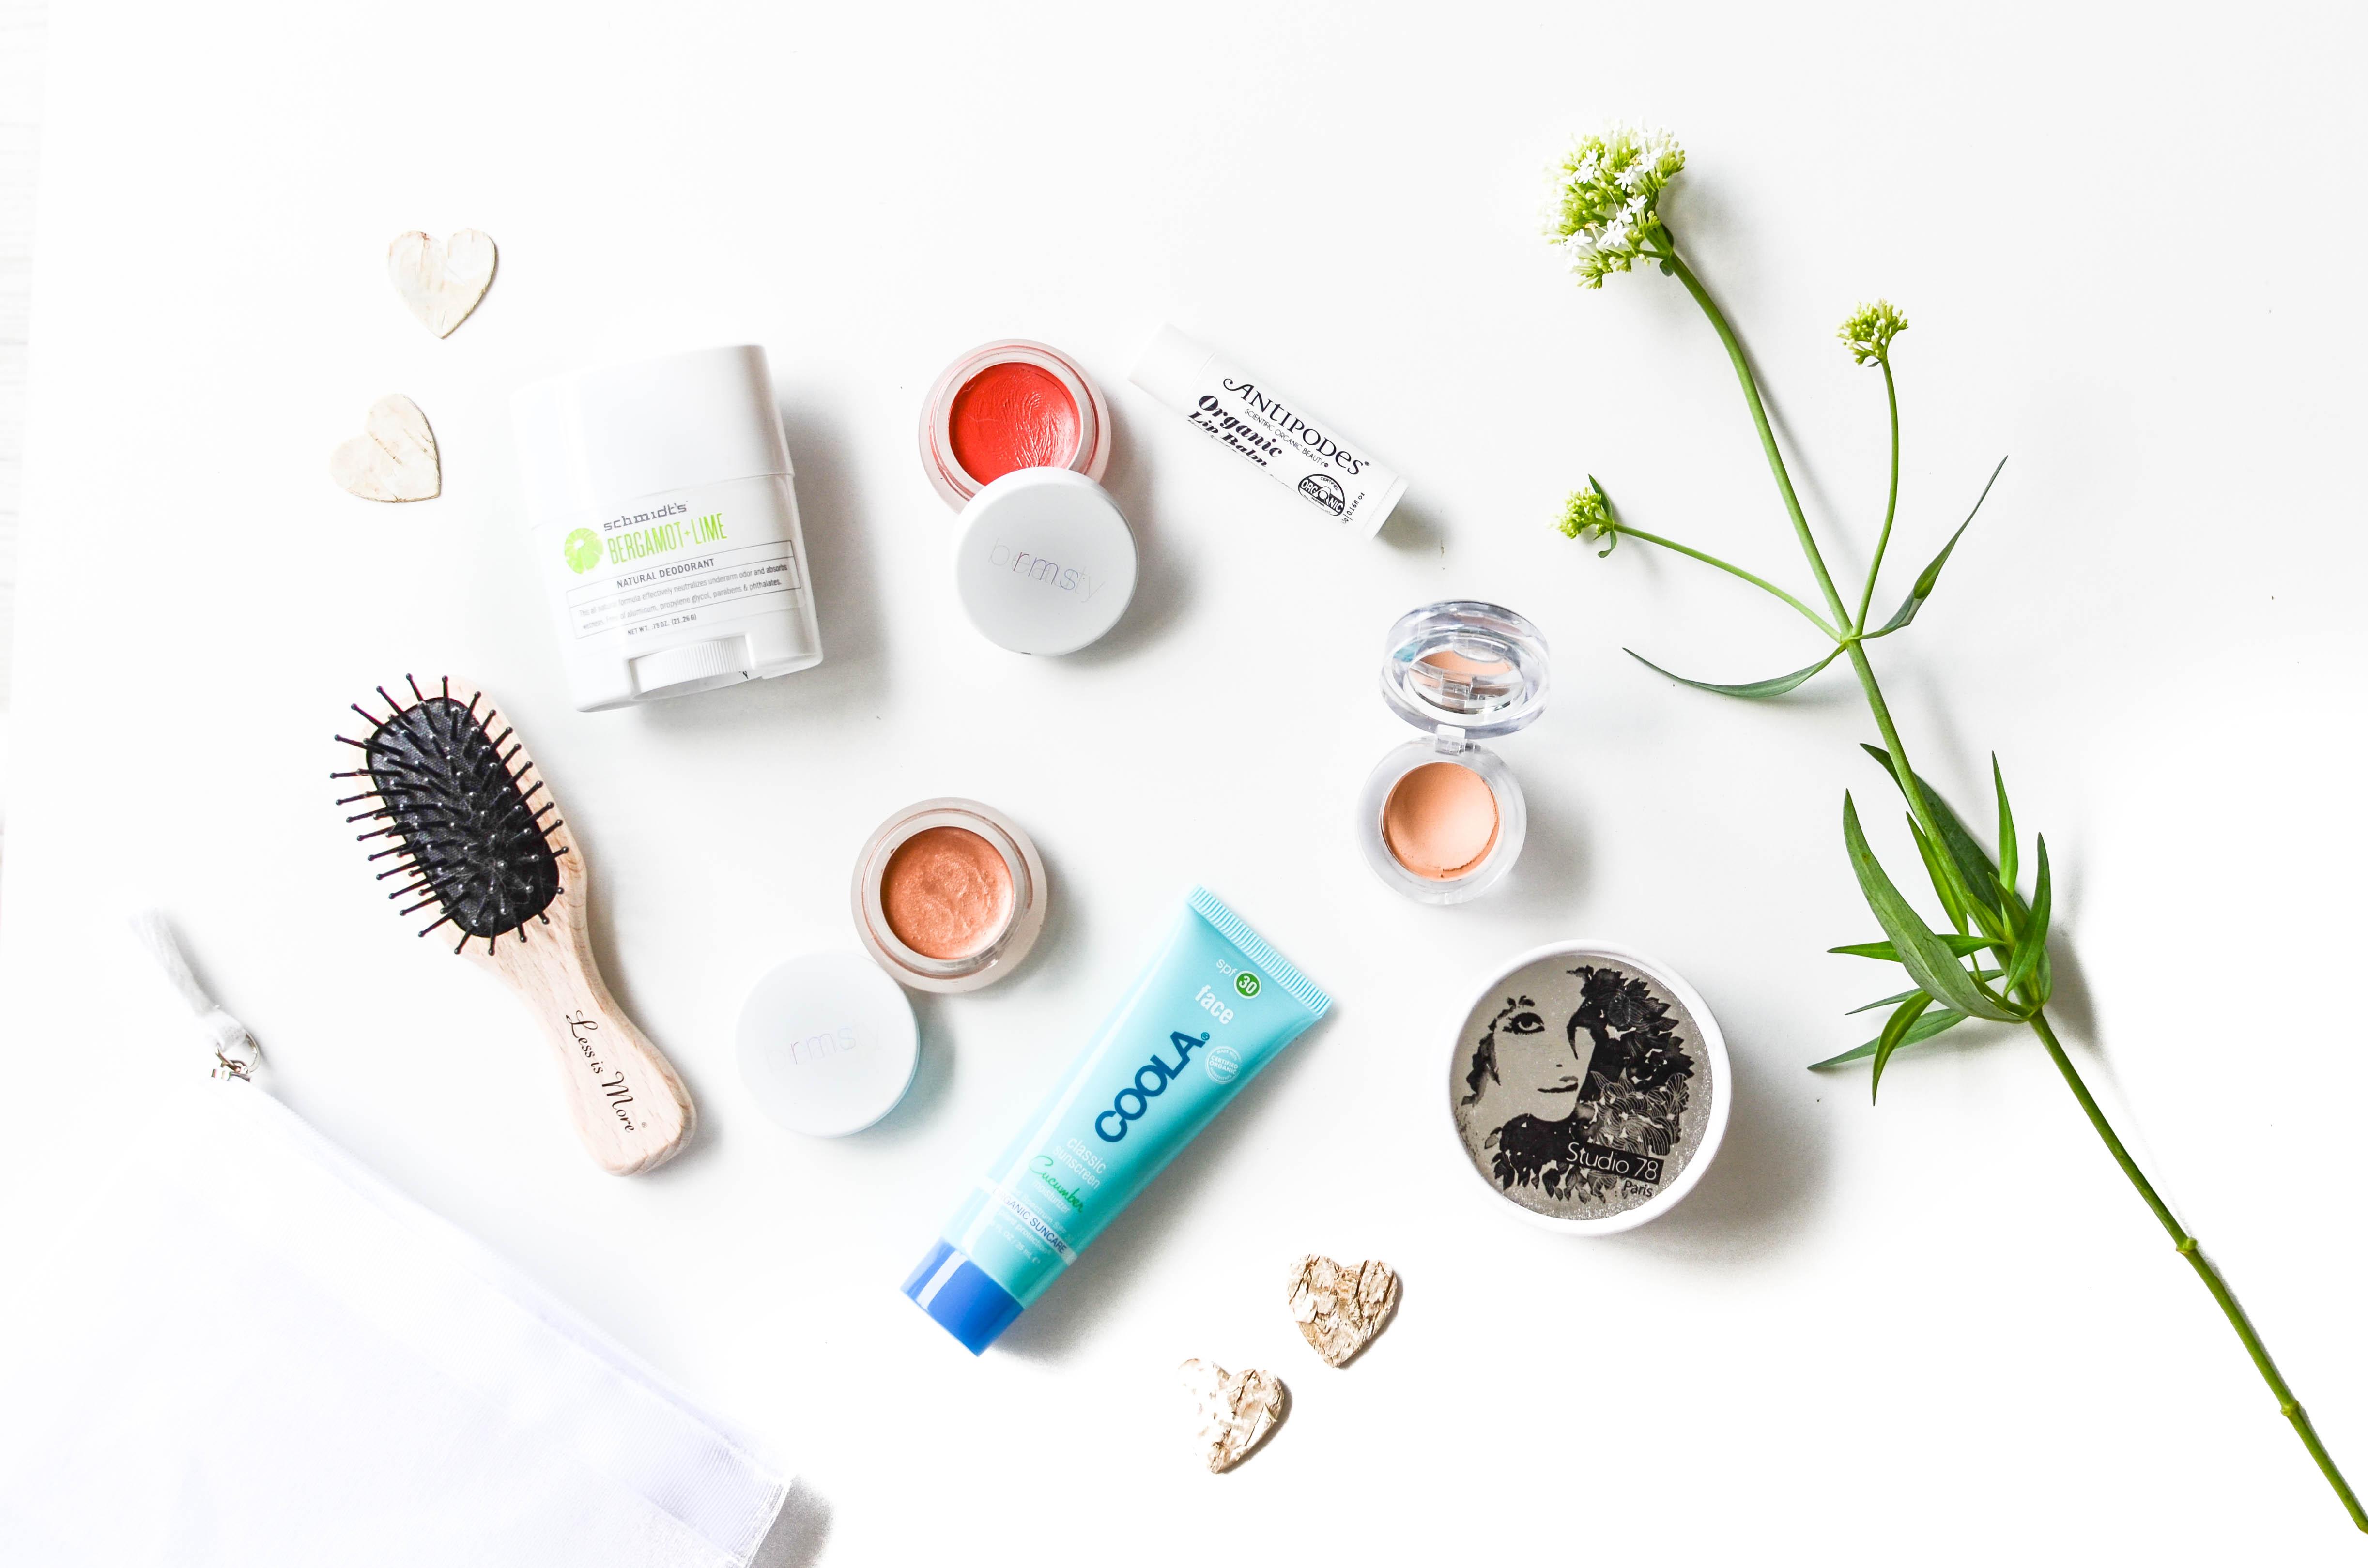 [MHM] Favorites to Go // Die liebsten Kosmetikprodukte für unterwegs!